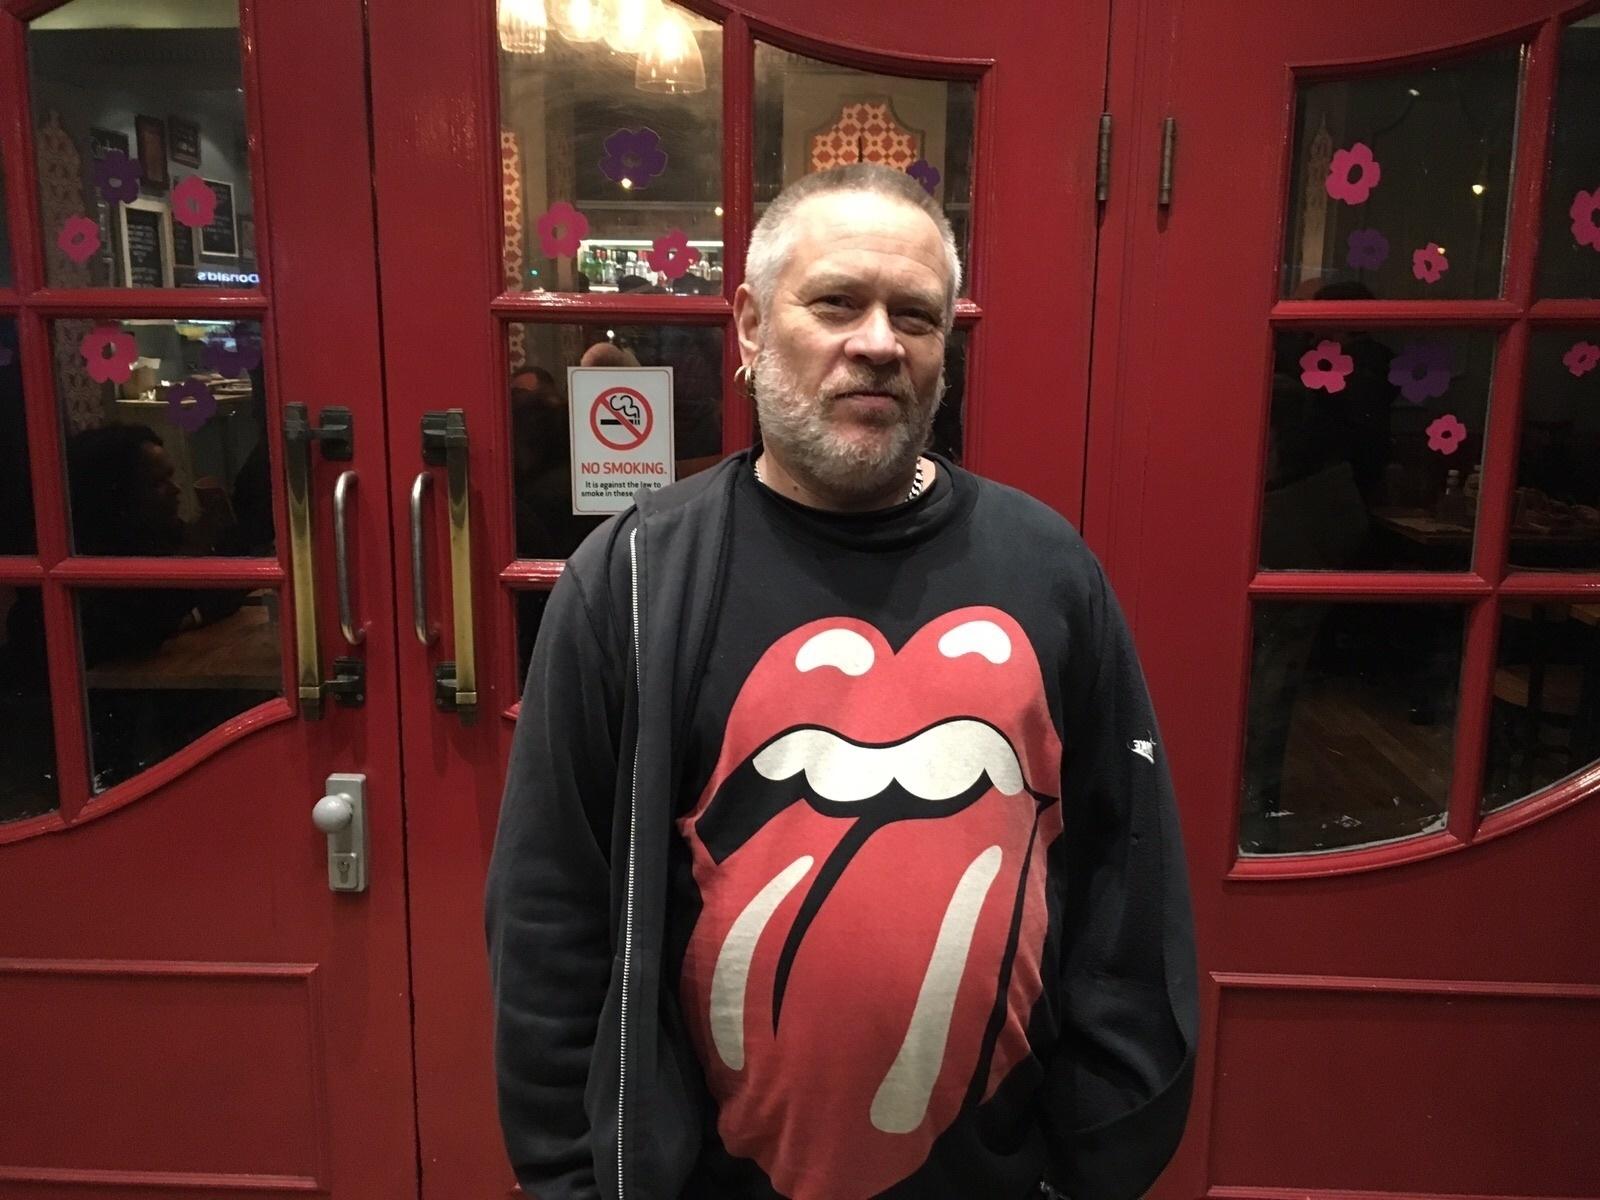 11.jan.2015 - Phil Mark, 54, comparece ao bairro de Brixton, em Londres, para homenagear David Bowie